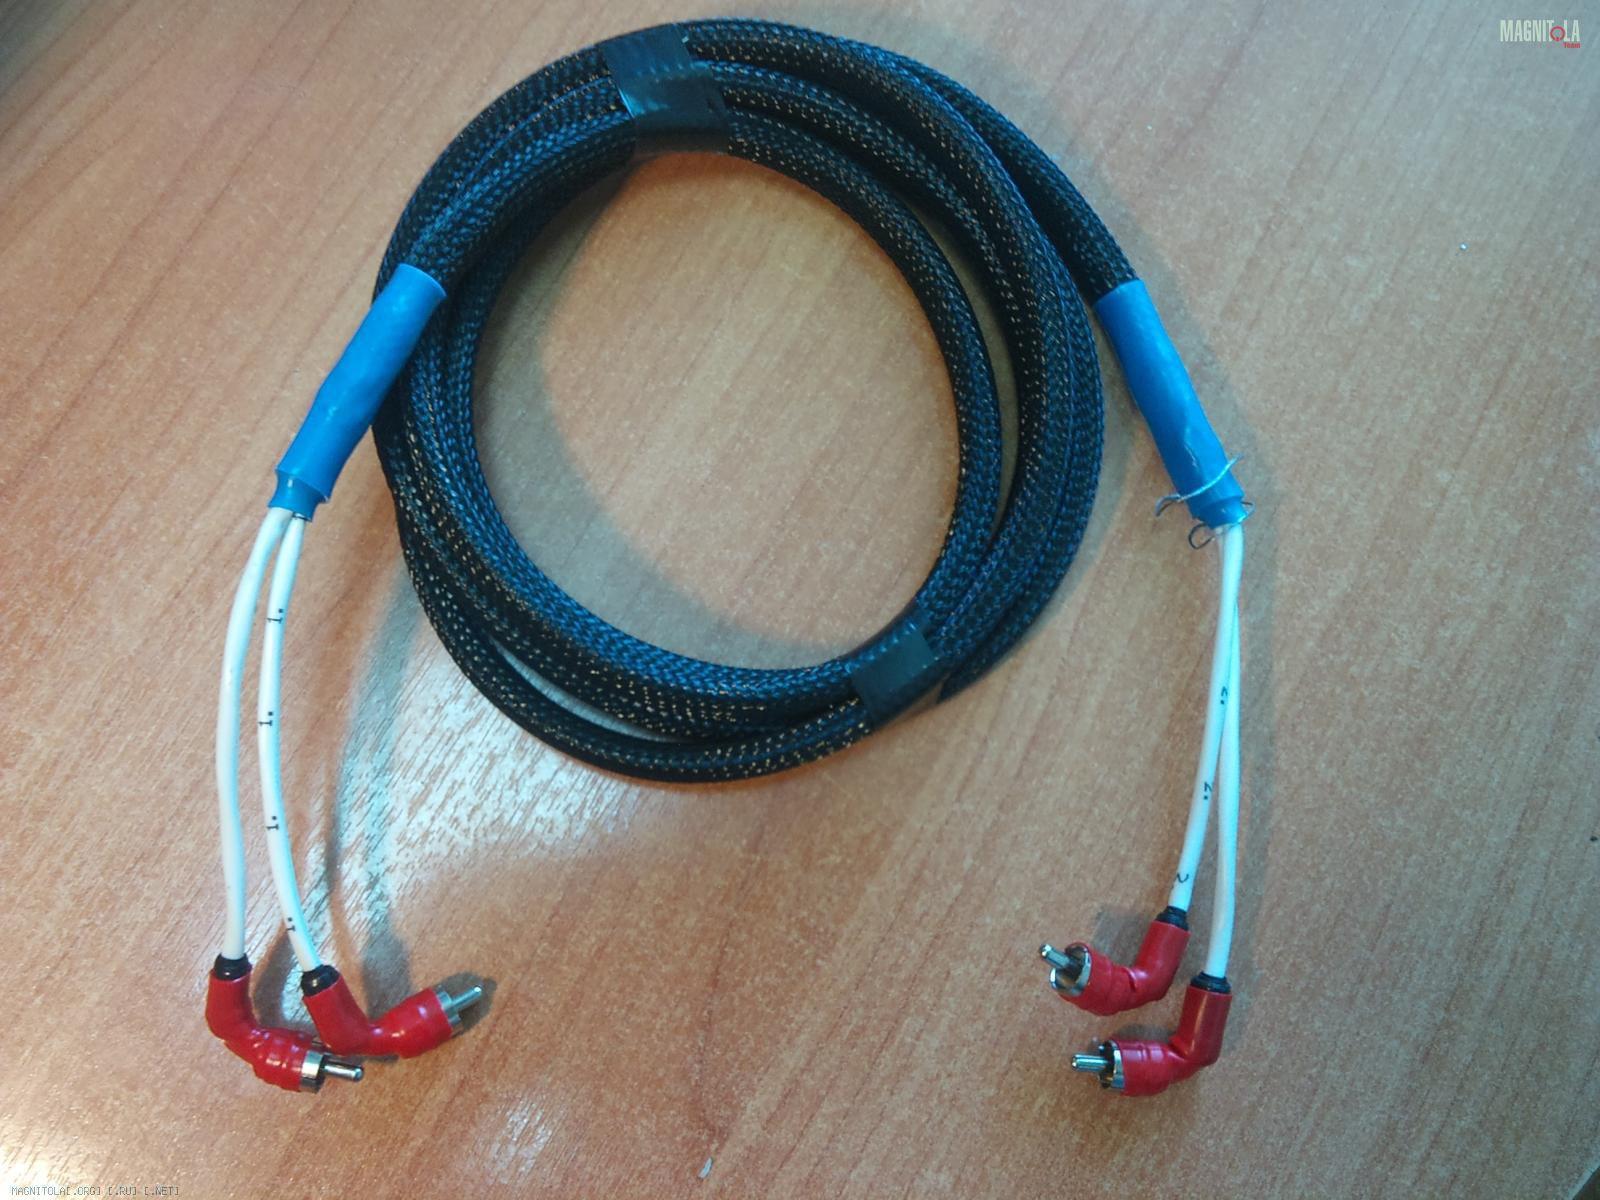 Как сделать межблочный кабель для усилителя